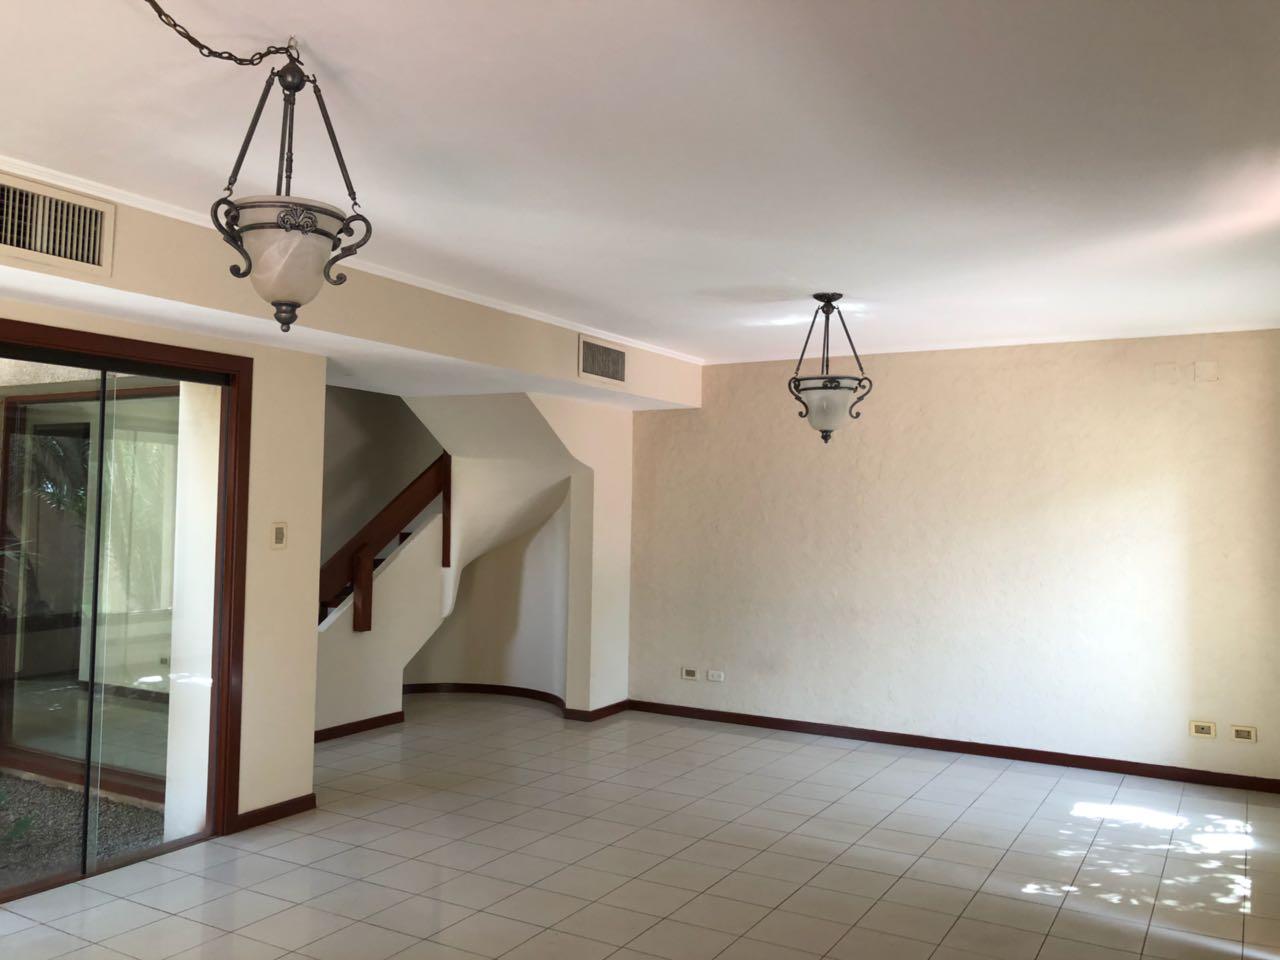 Casa en Alquiler CASA EN ALQUILER, URBANIZACIÓN LA HACIENDA I, ENTRE AV. BENI Y BANZER 5TO ANILLO Foto 18